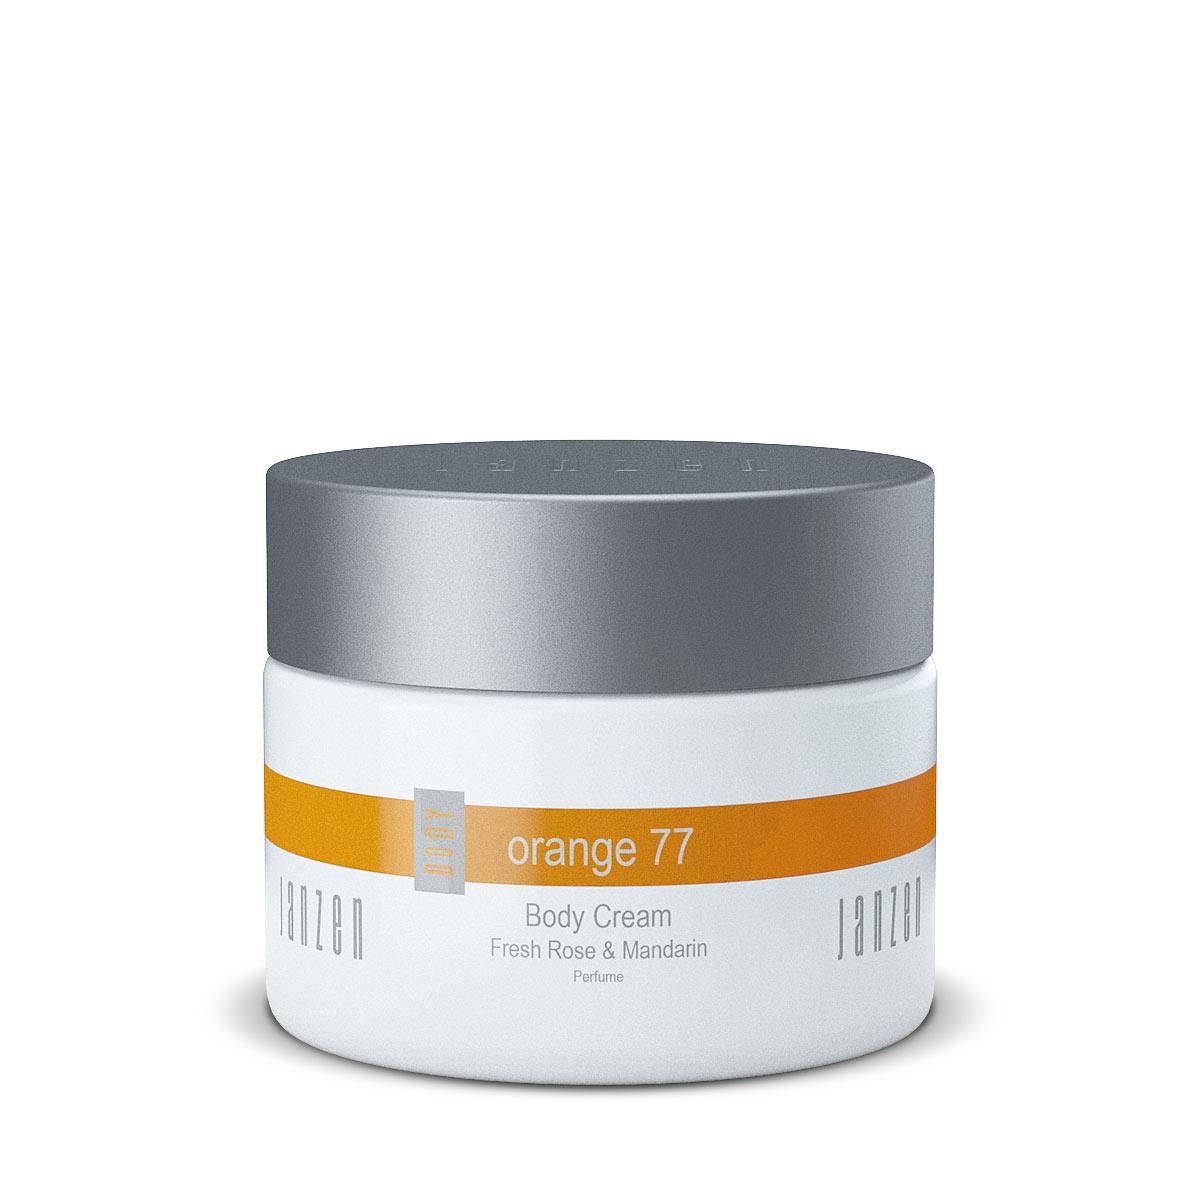 JANZEN Body Cream Orange 77